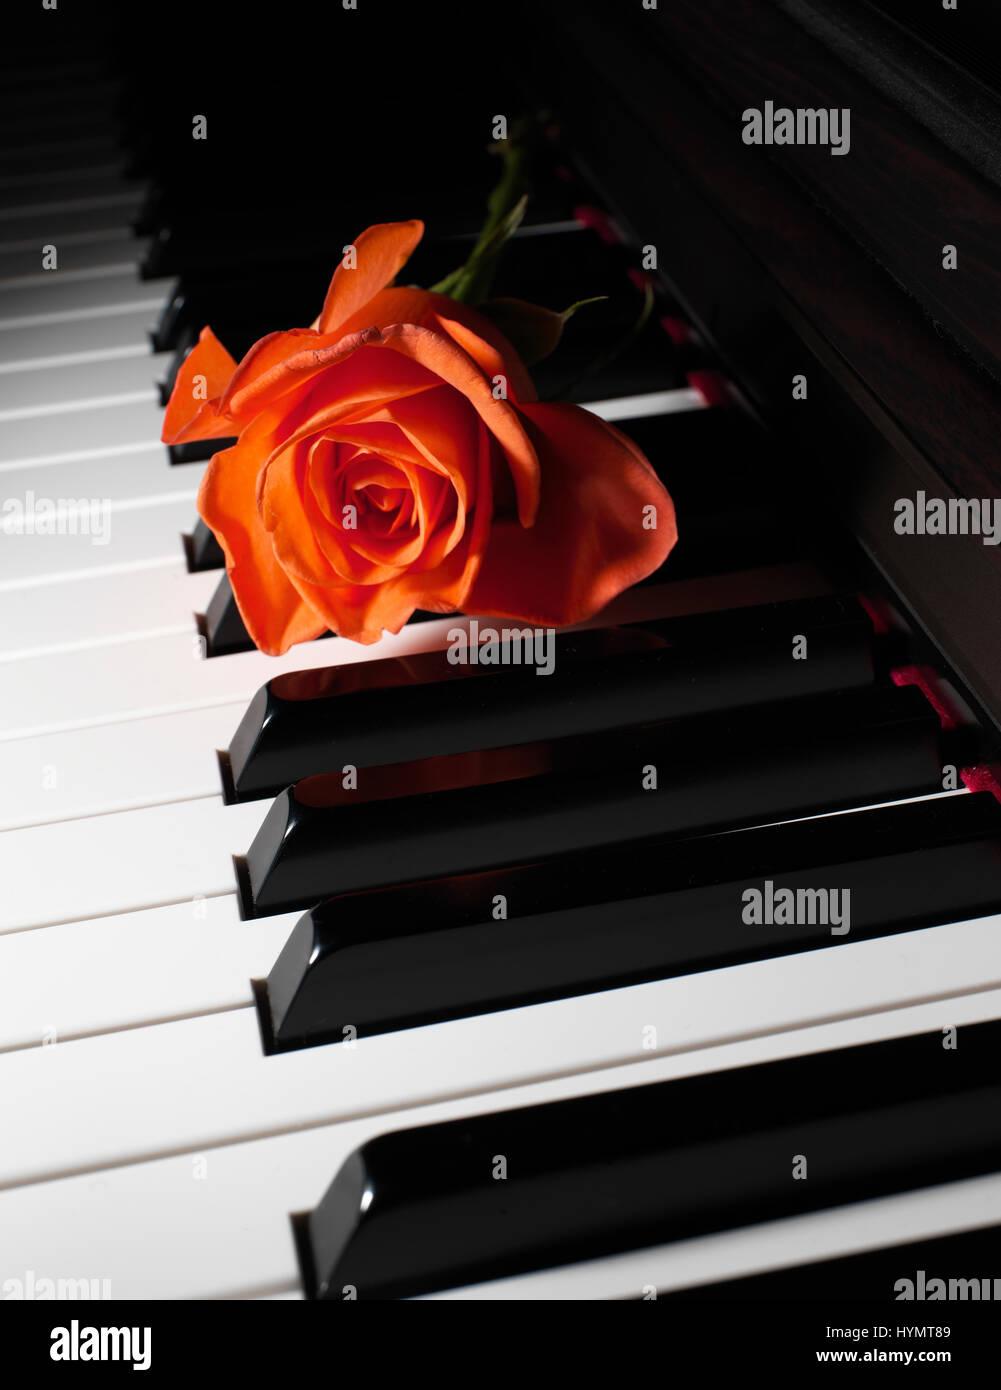 Teclas del piano de cerca con rosa Foto de stock